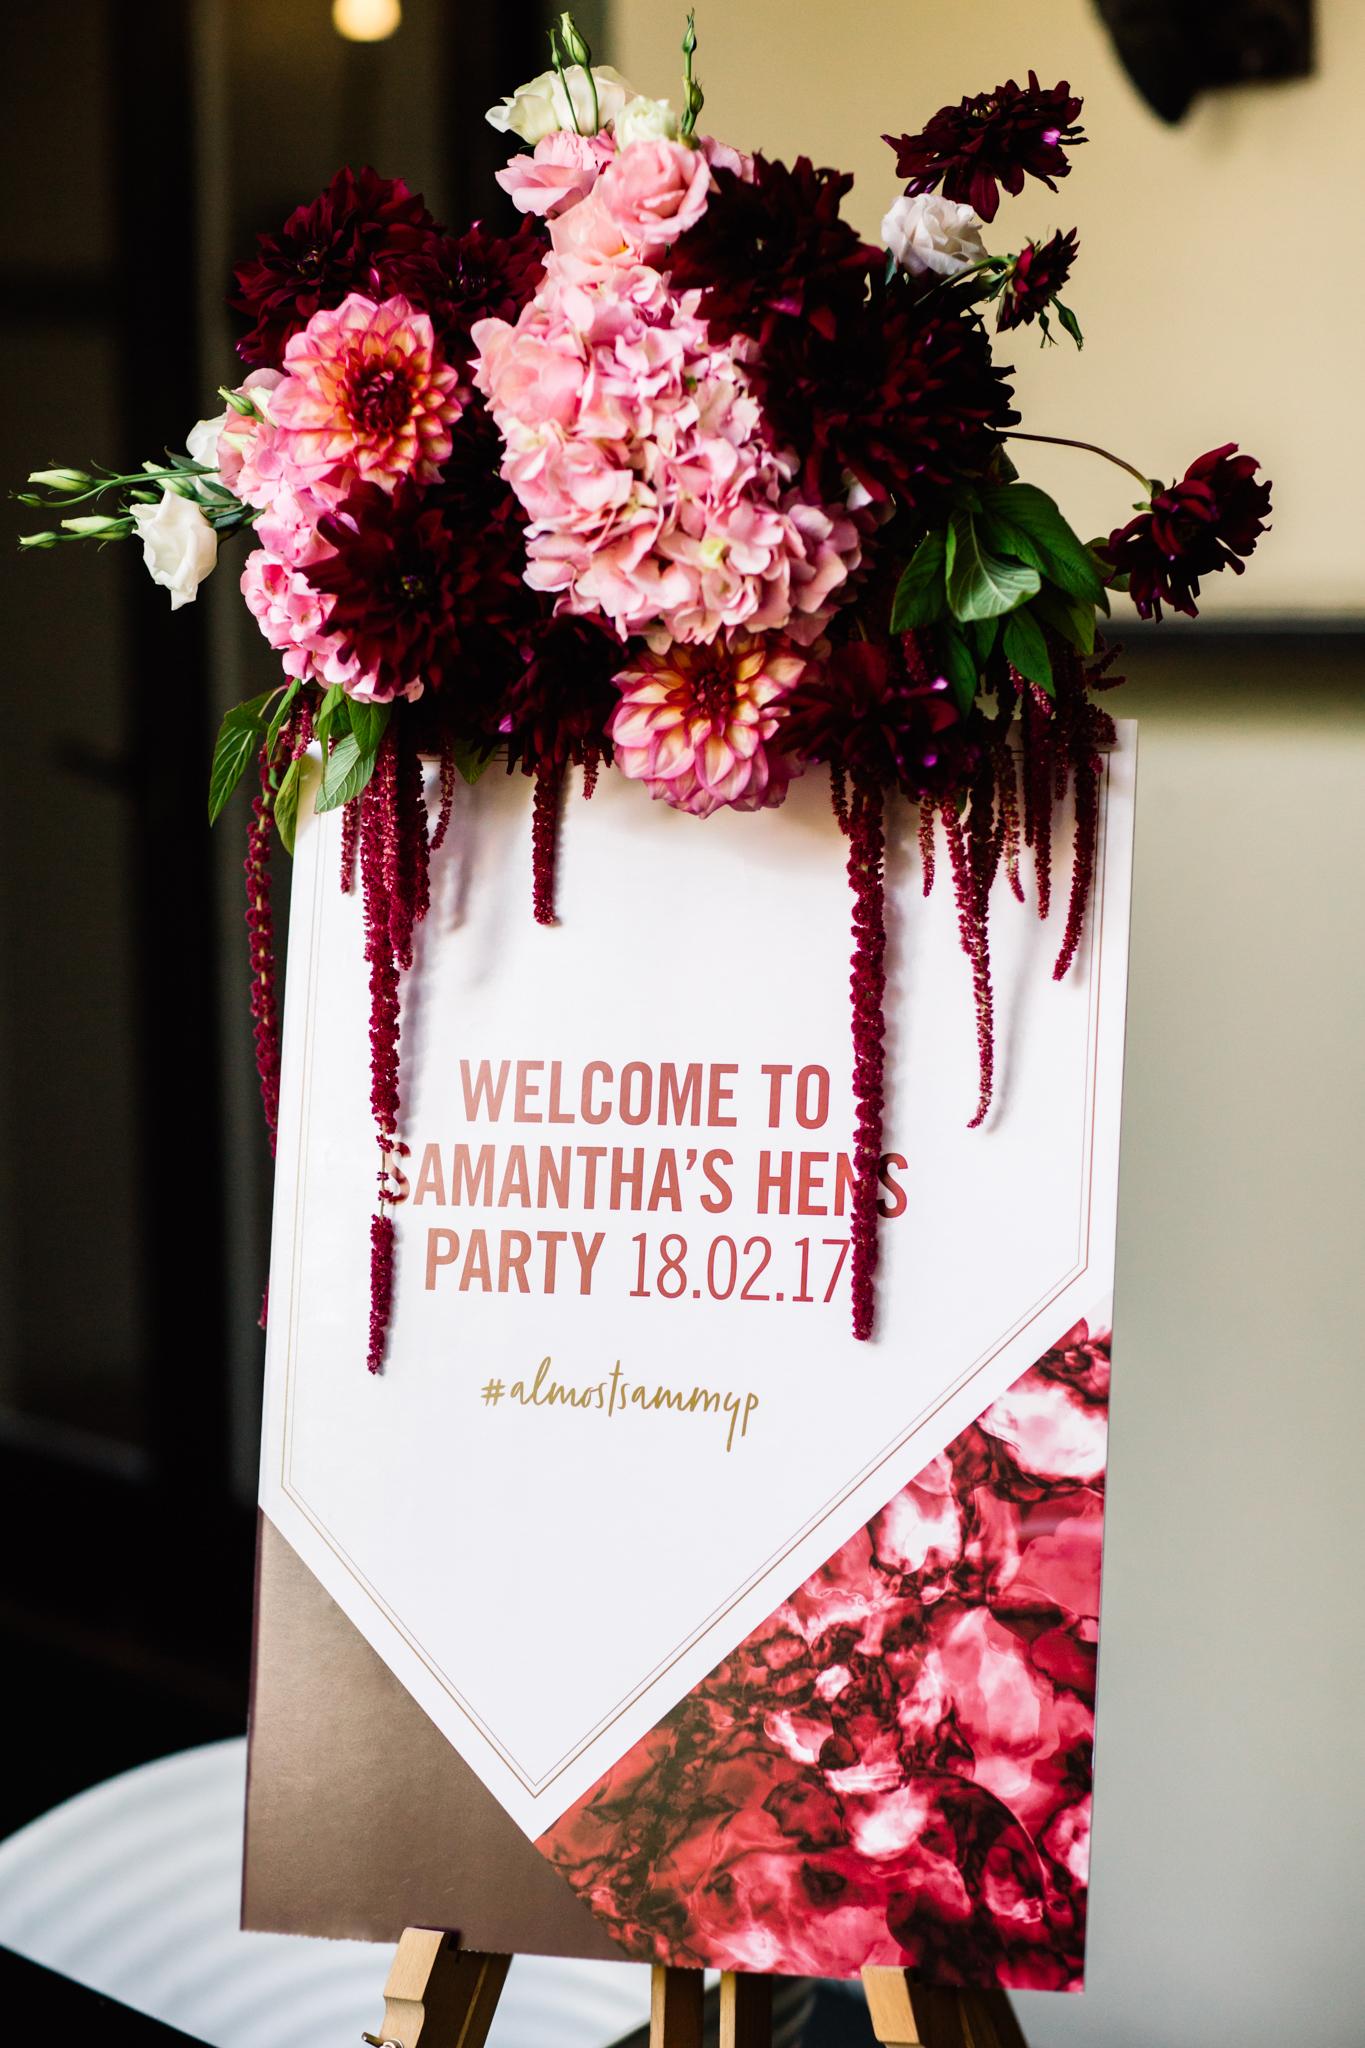 SamanthaHens_TheEventurer-43.jpg